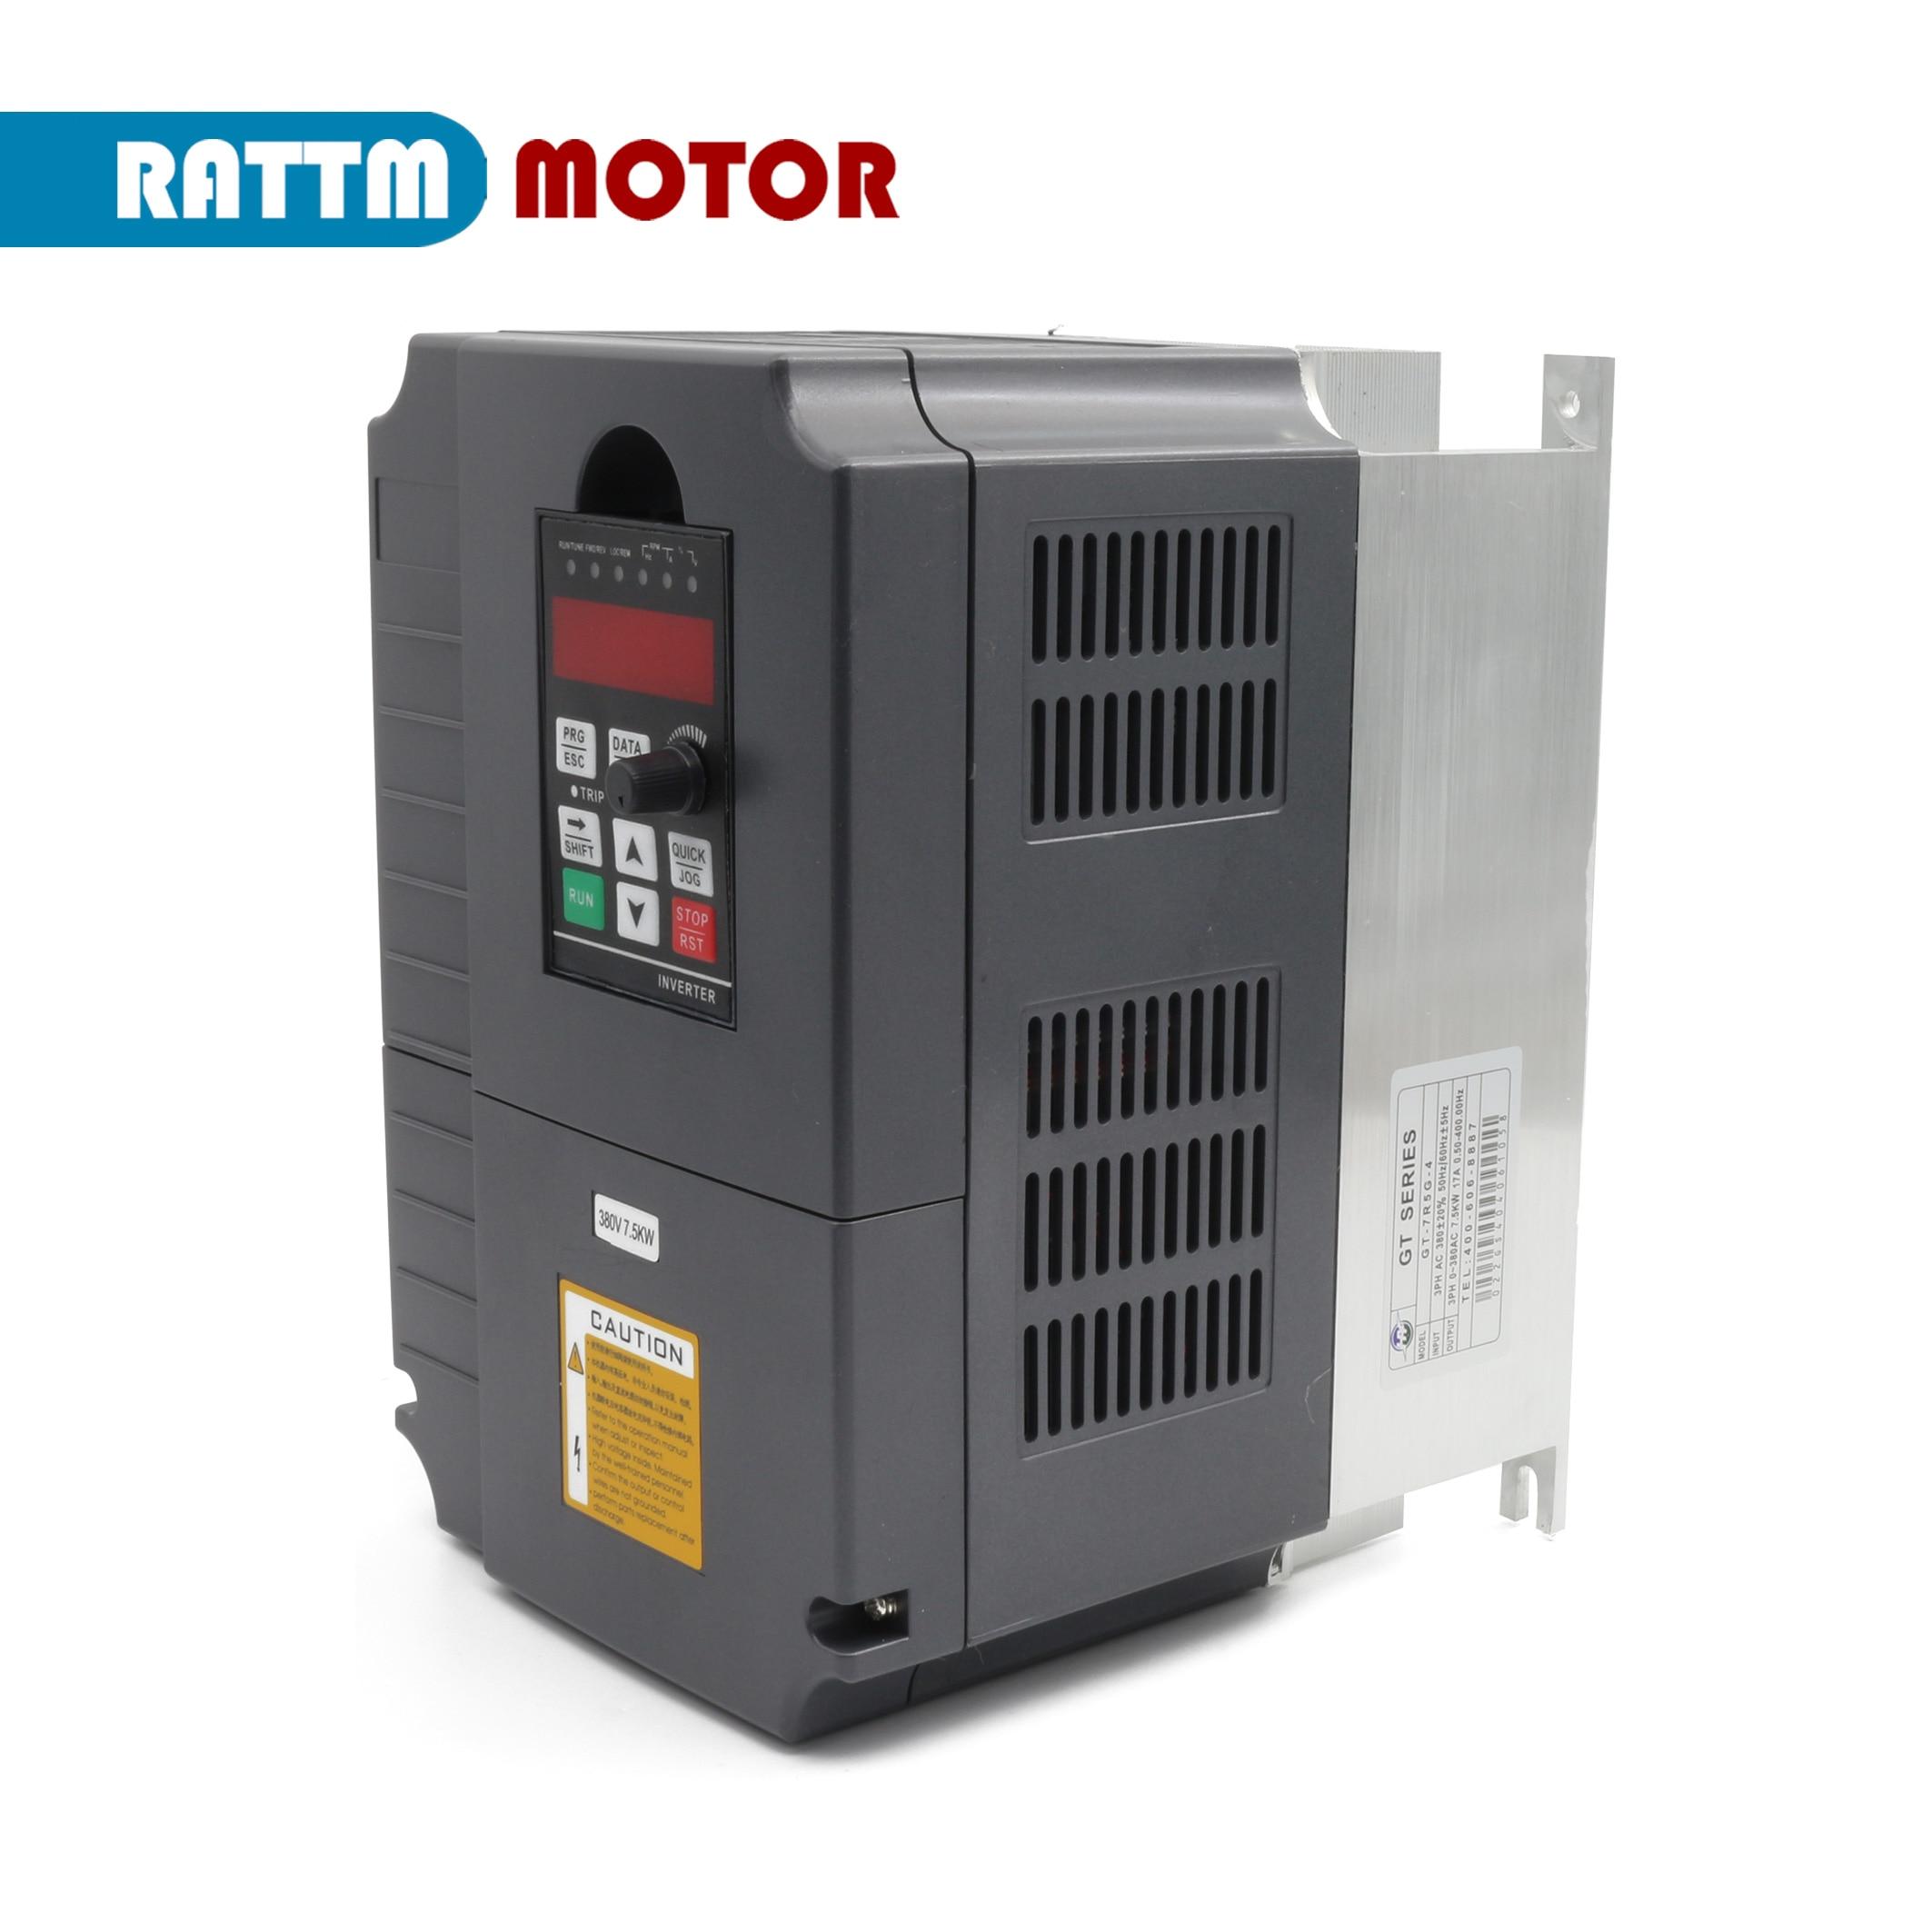 EU Lieferung! 7,5 kw 380V, 220V Spindel wechselrichter Vector Control Frequenz Konverter 3 phase